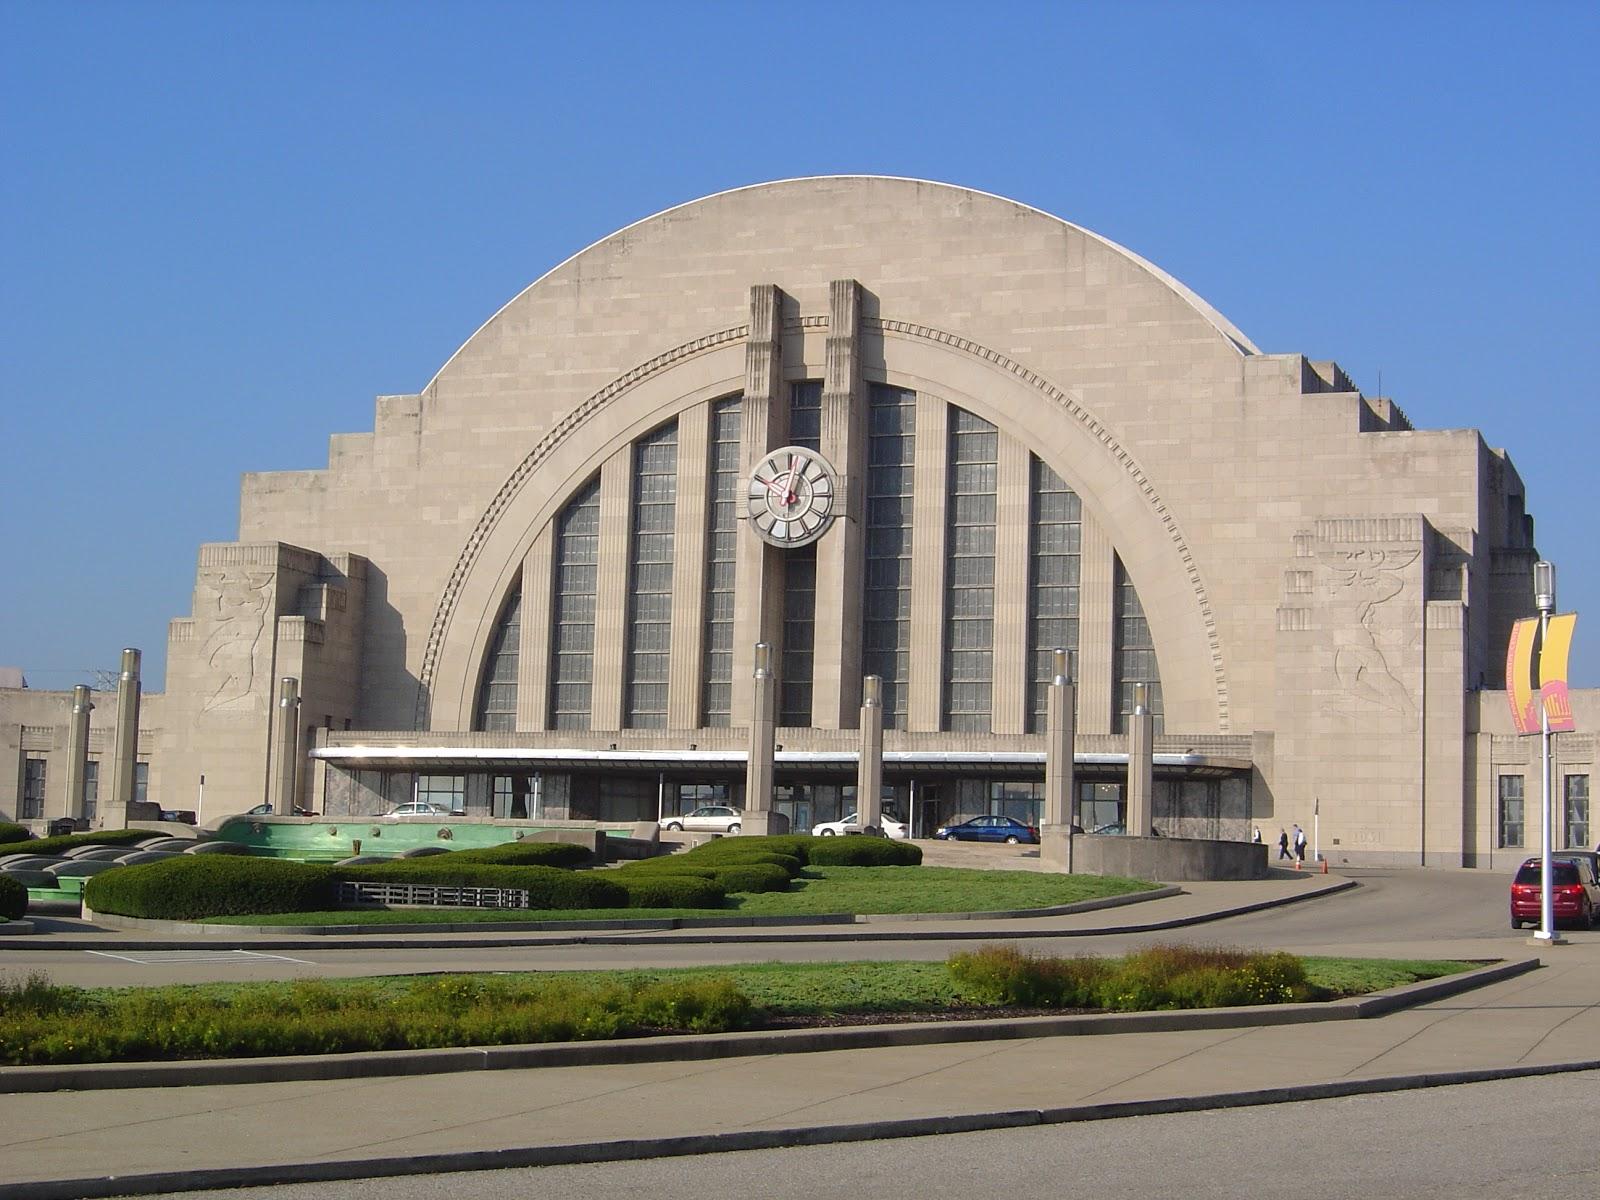 The Cincinnati Museum Center at Union Terminal, originally Cincinnati Union Terminal, is a mixed-use complex in the Queensgate neighborhood of Cincinnati, Ohio, United States.